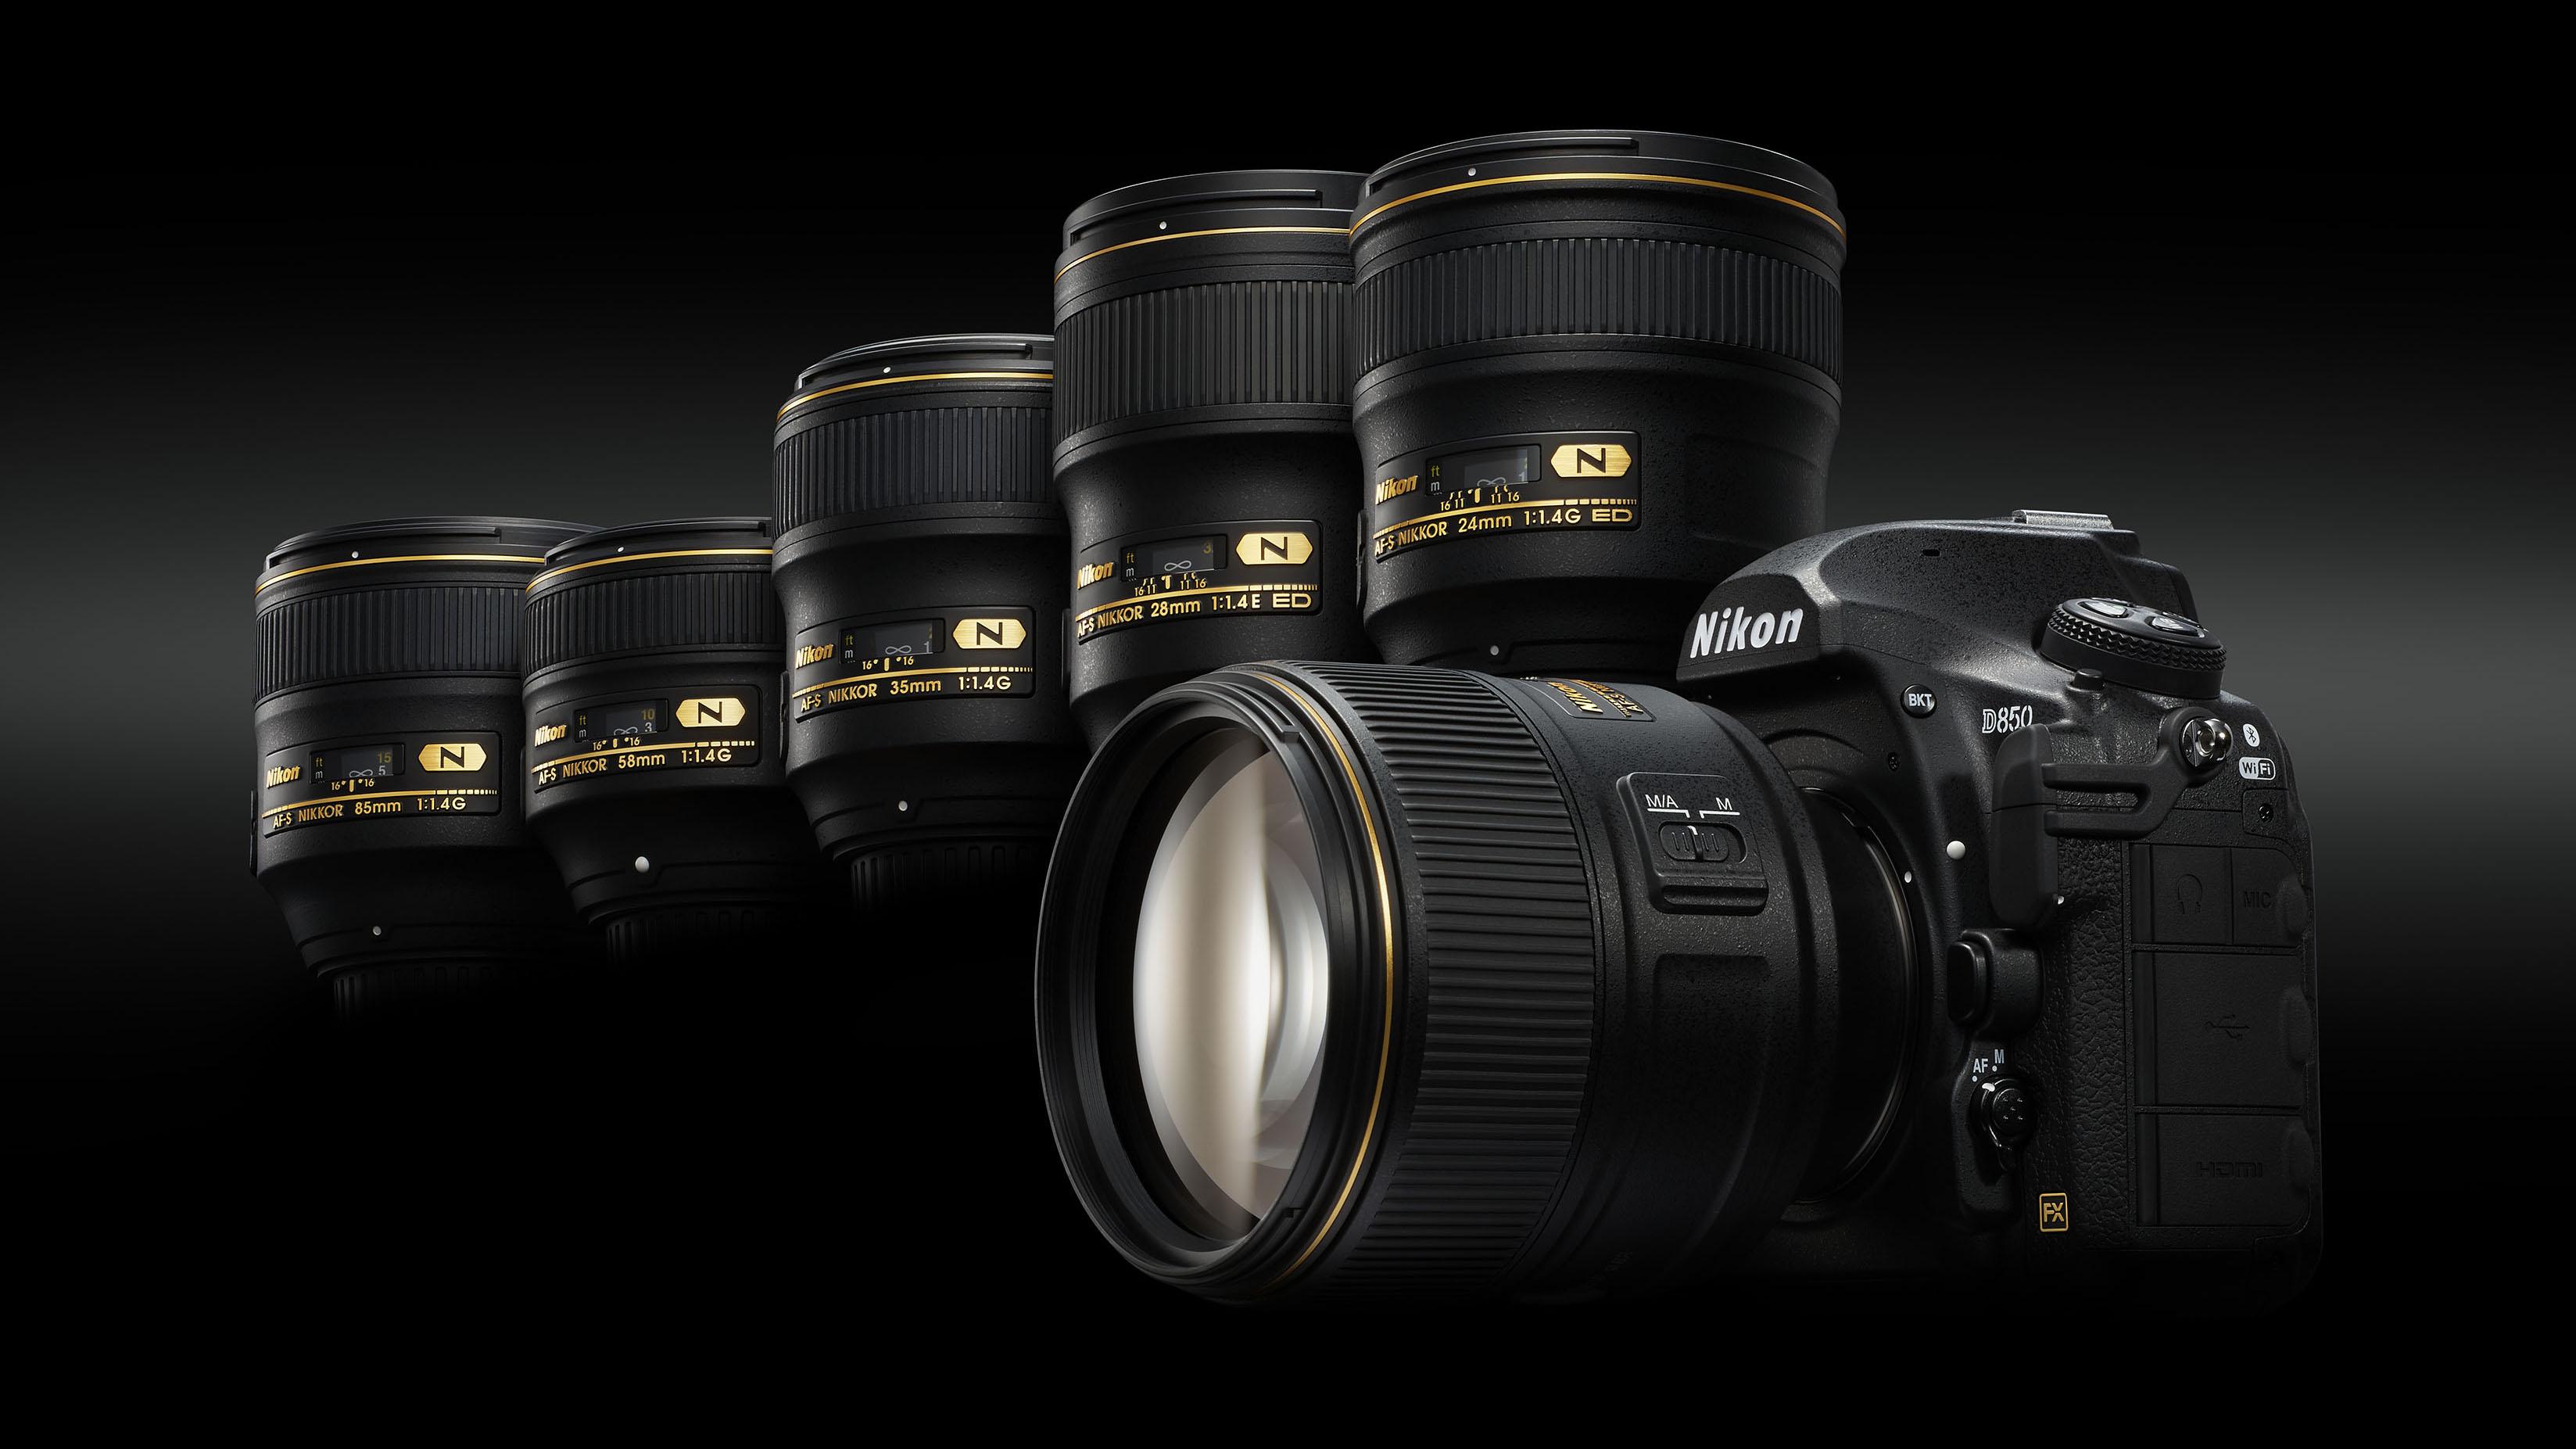 200 Arrivata Nikon D850 Sprea Fotografia News